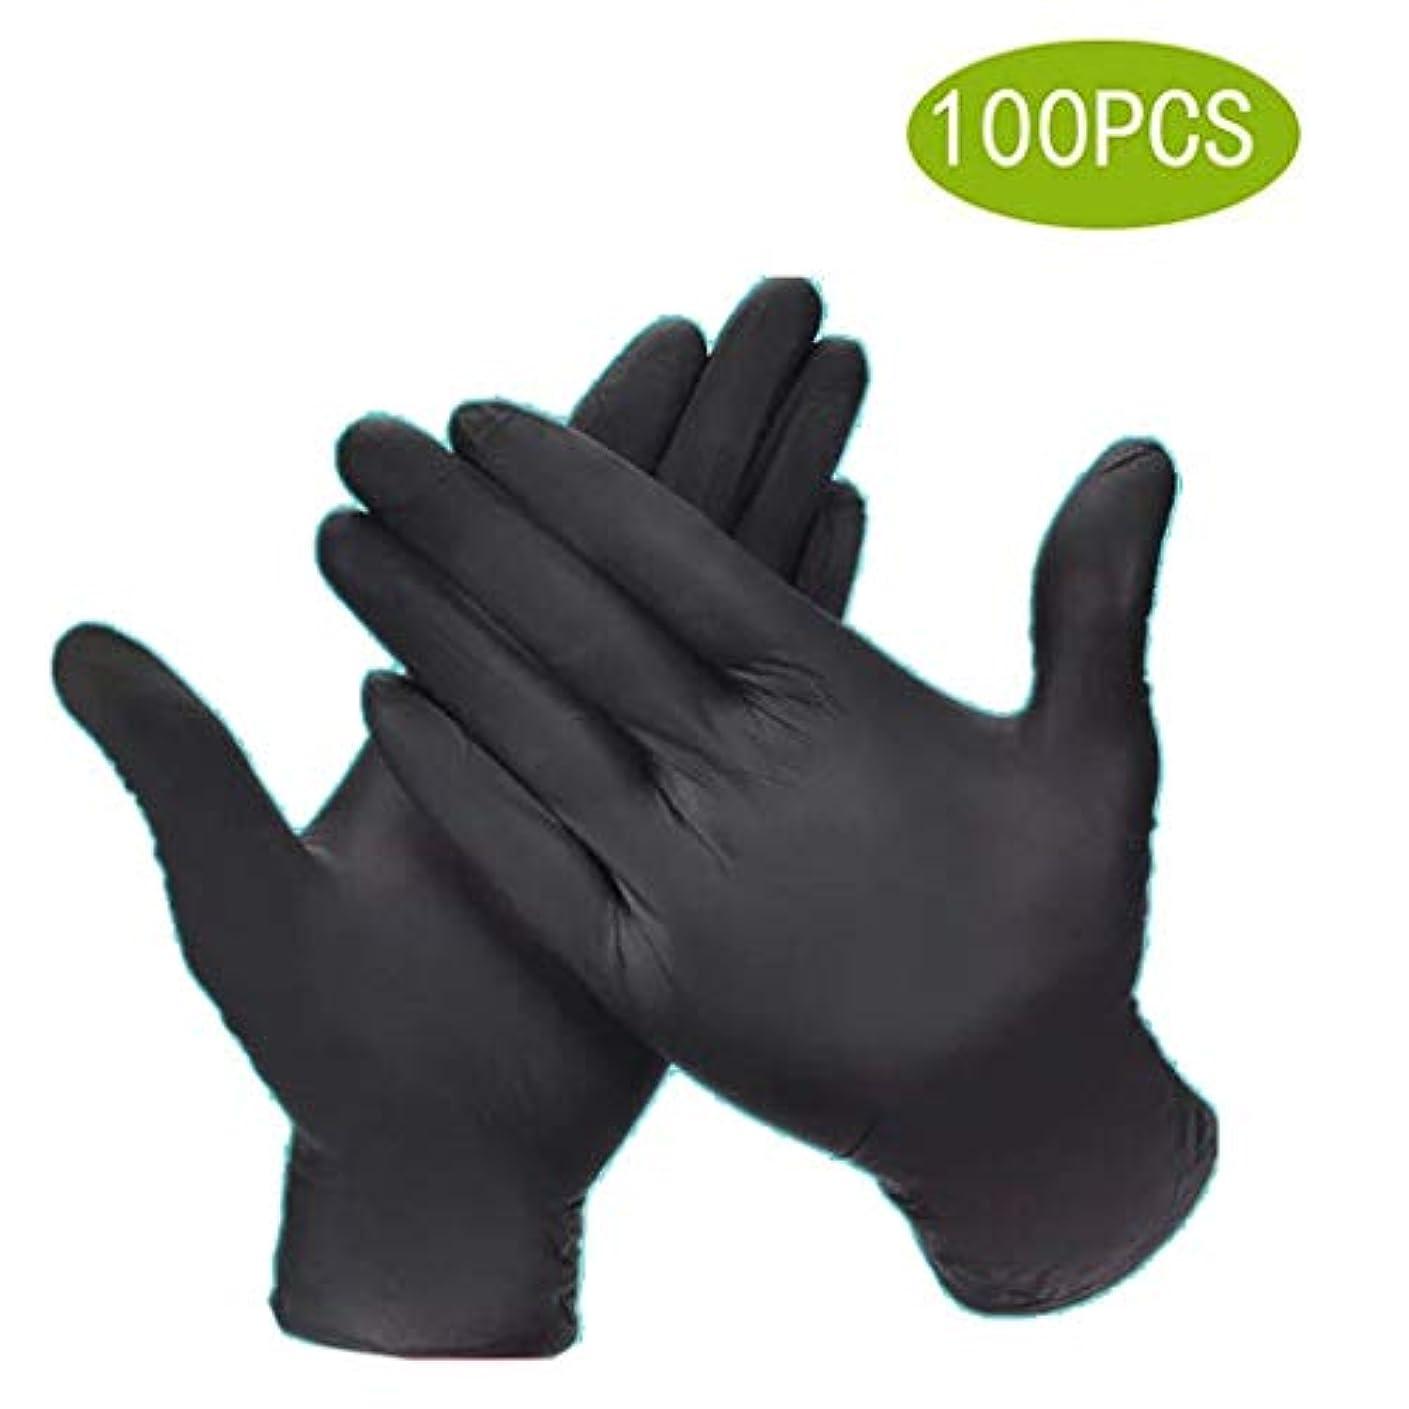 効能ある気分が悪い暴力的な使い捨て手袋食品ケータリング手術ディンチン厚い黒滑り止め酸とアルカリキッチン試験/食品グレード安全用品、使い捨てハンドグローブディスペンサー[100個] (Size : M)